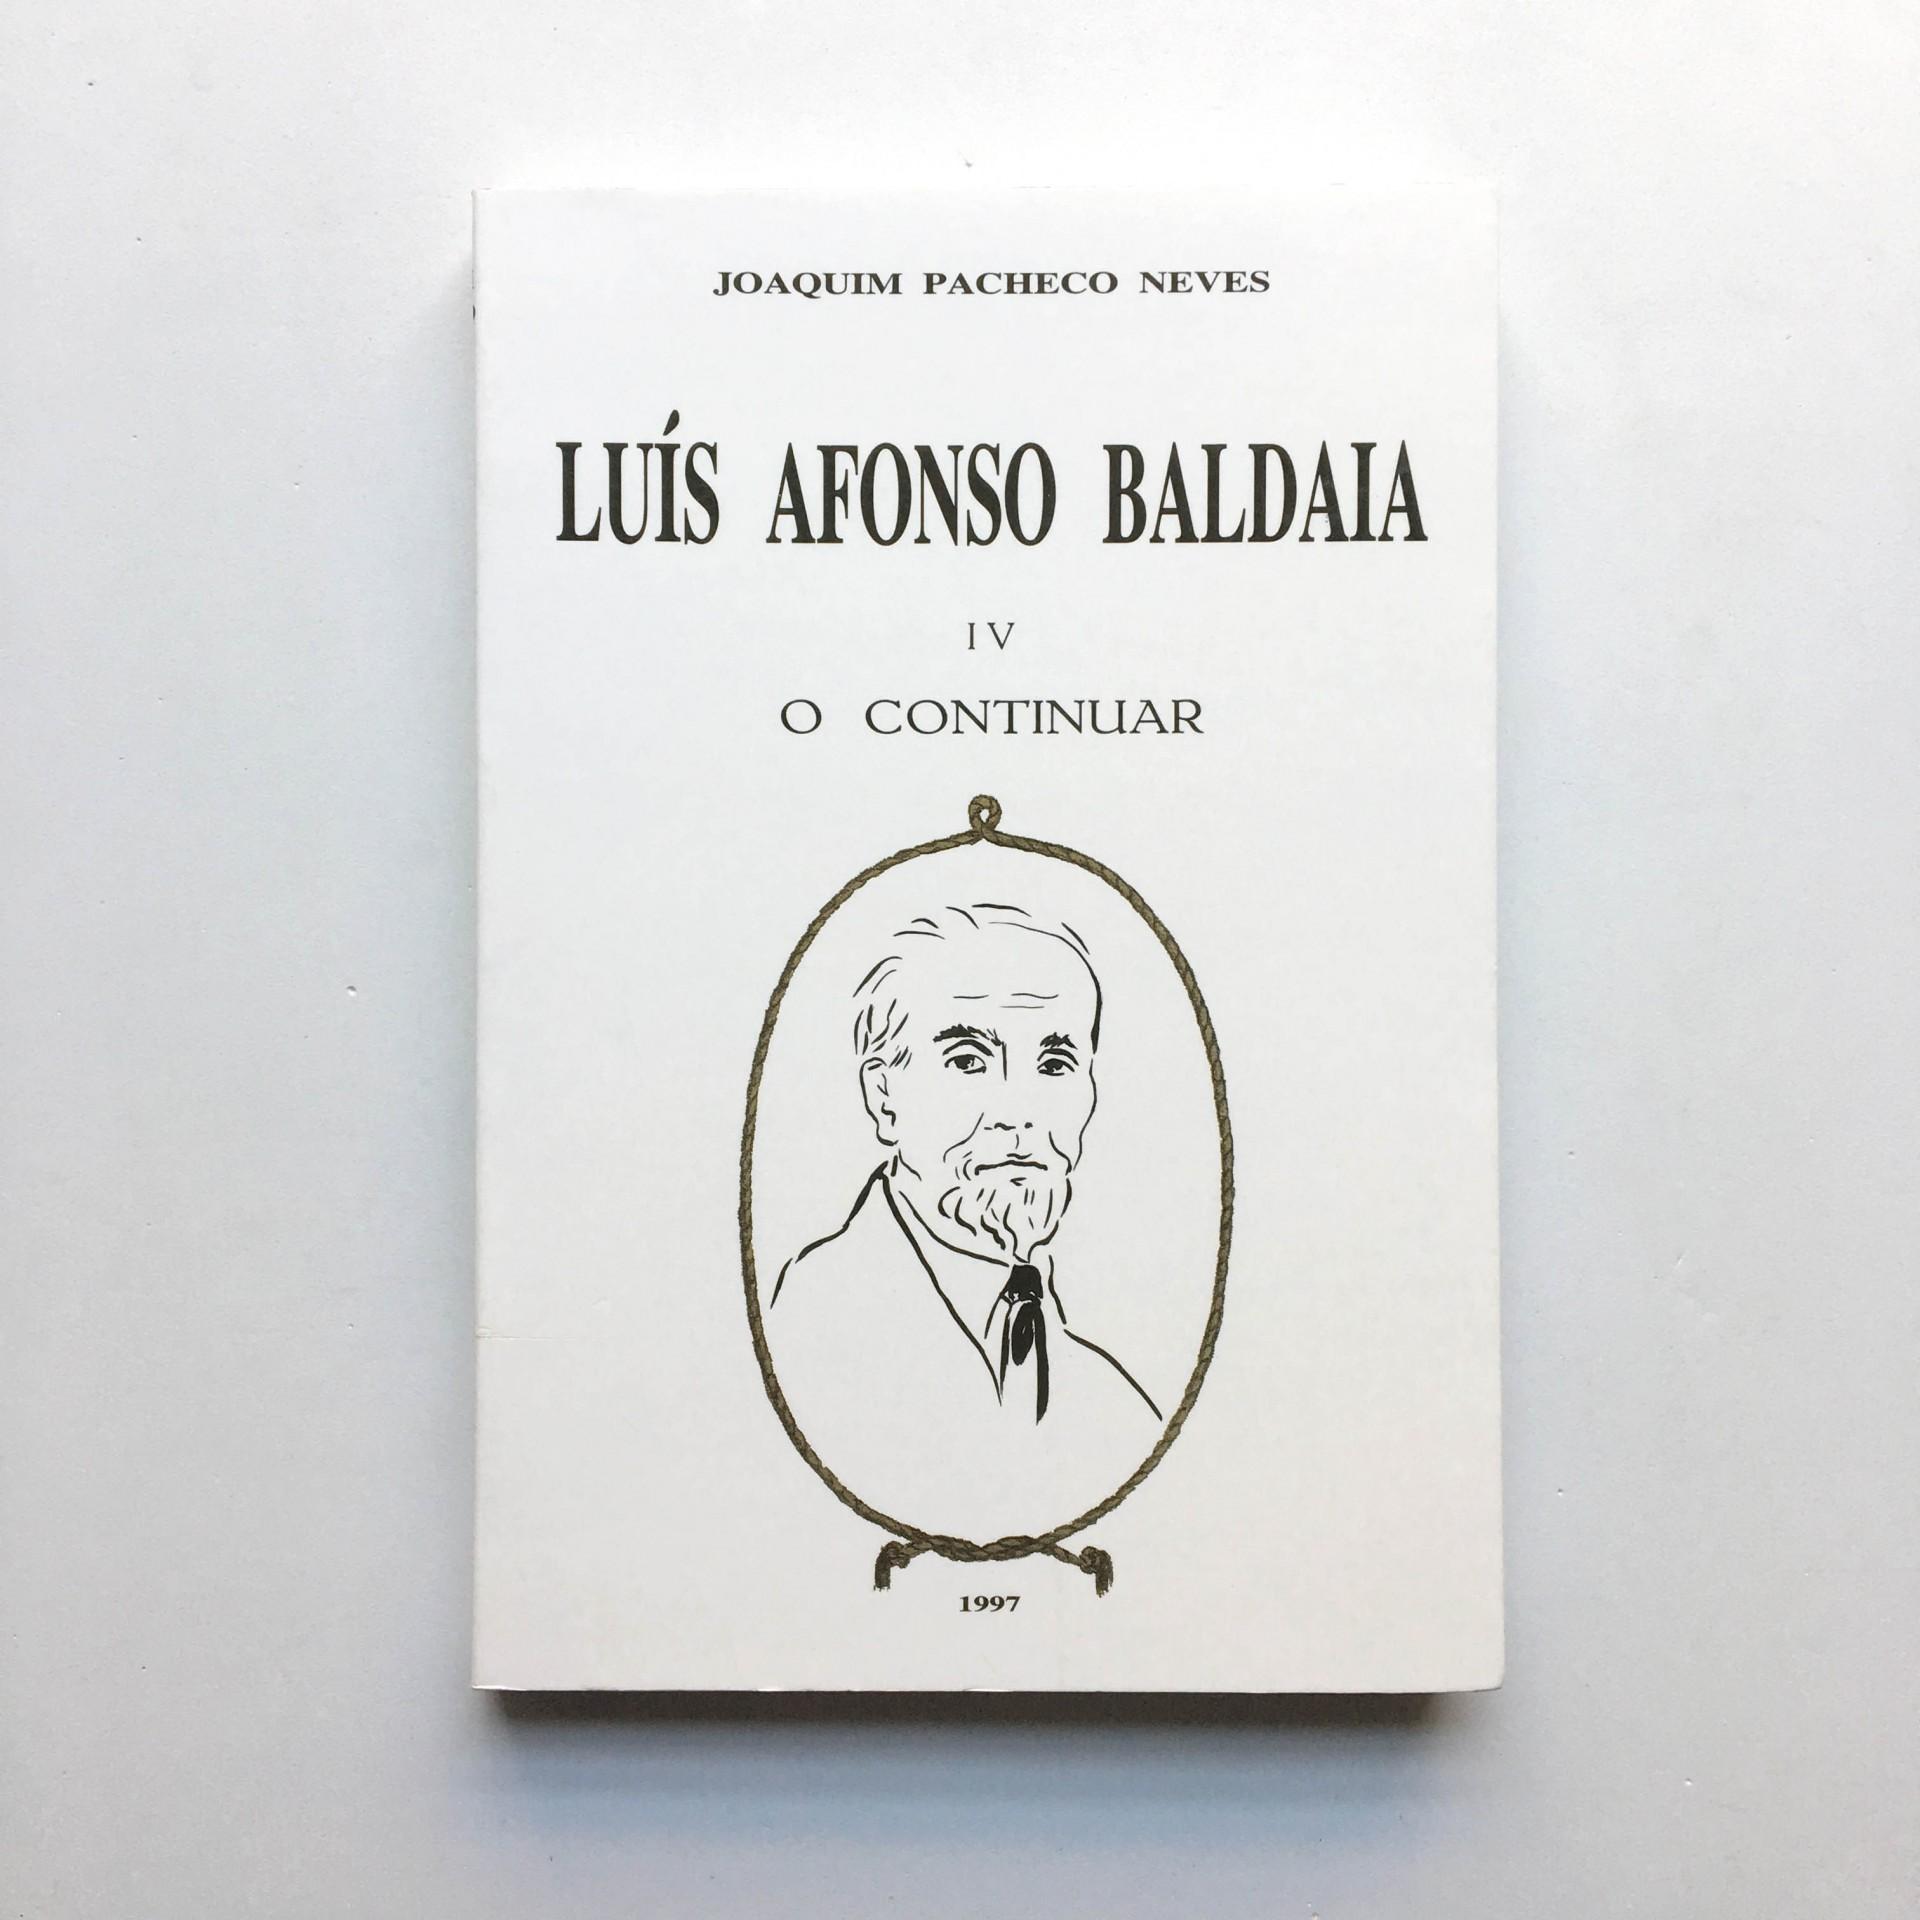 Luís Afonso Baldaia IV O Continuar